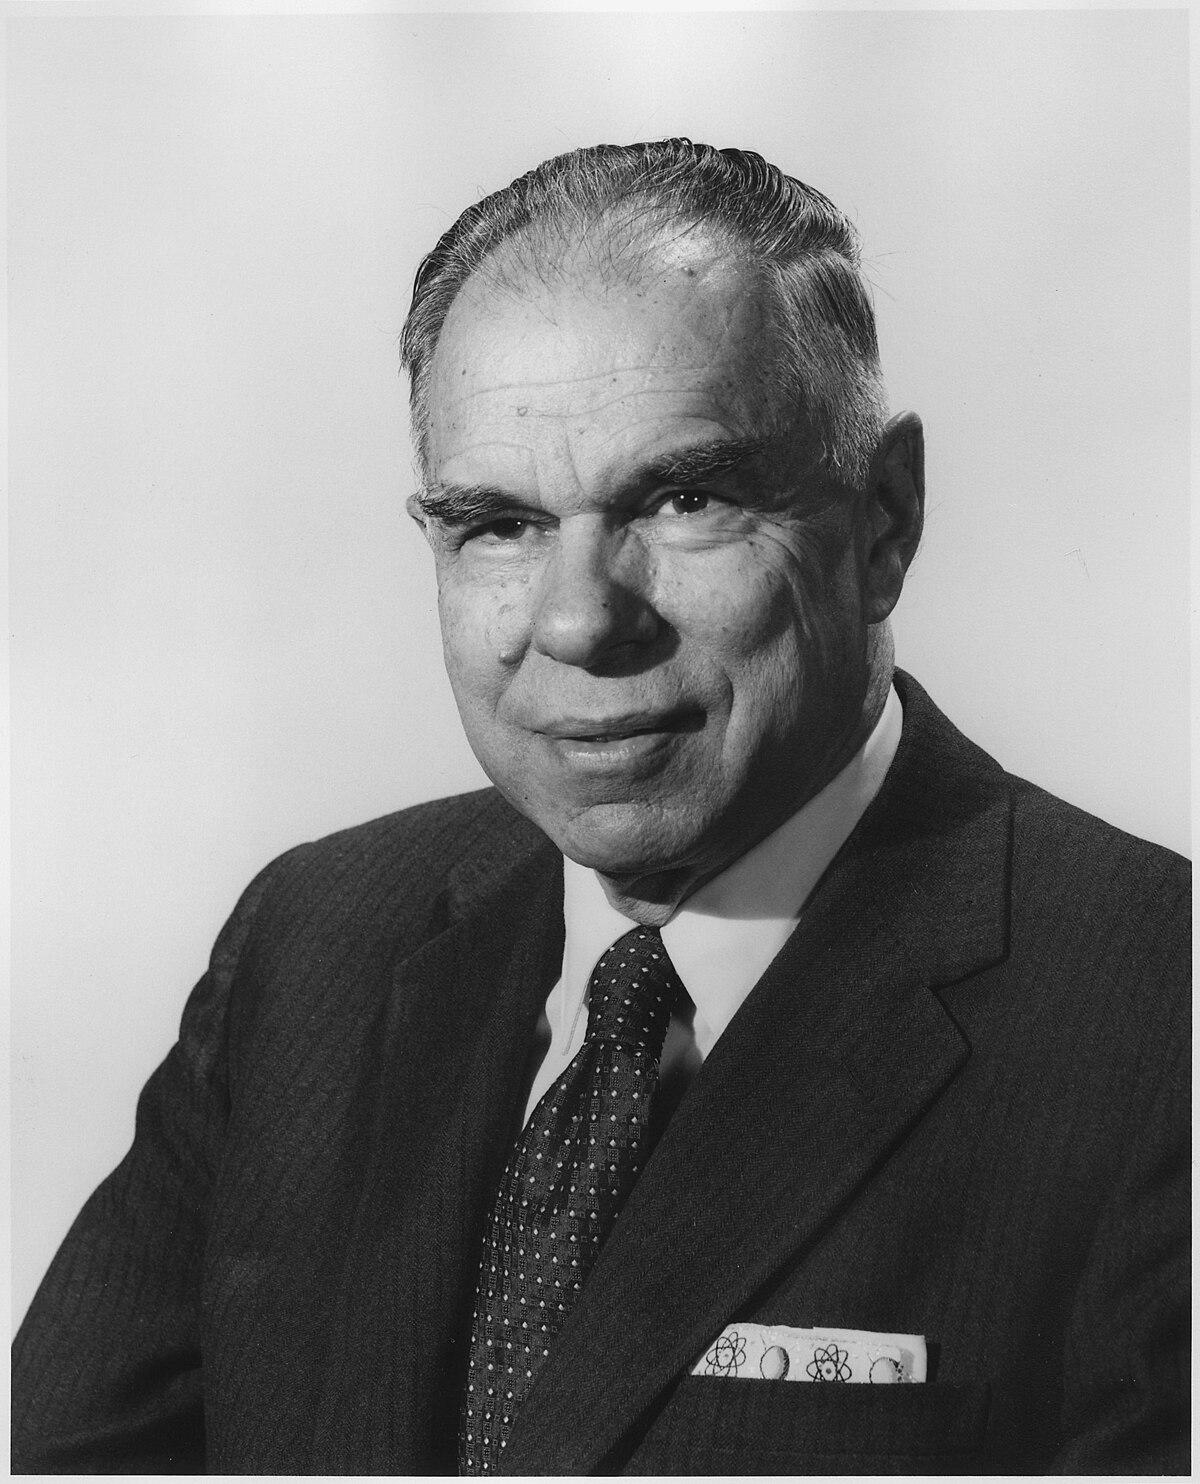 1fc3dcf80f16 Glenn T. Seaborg - Wikipedia